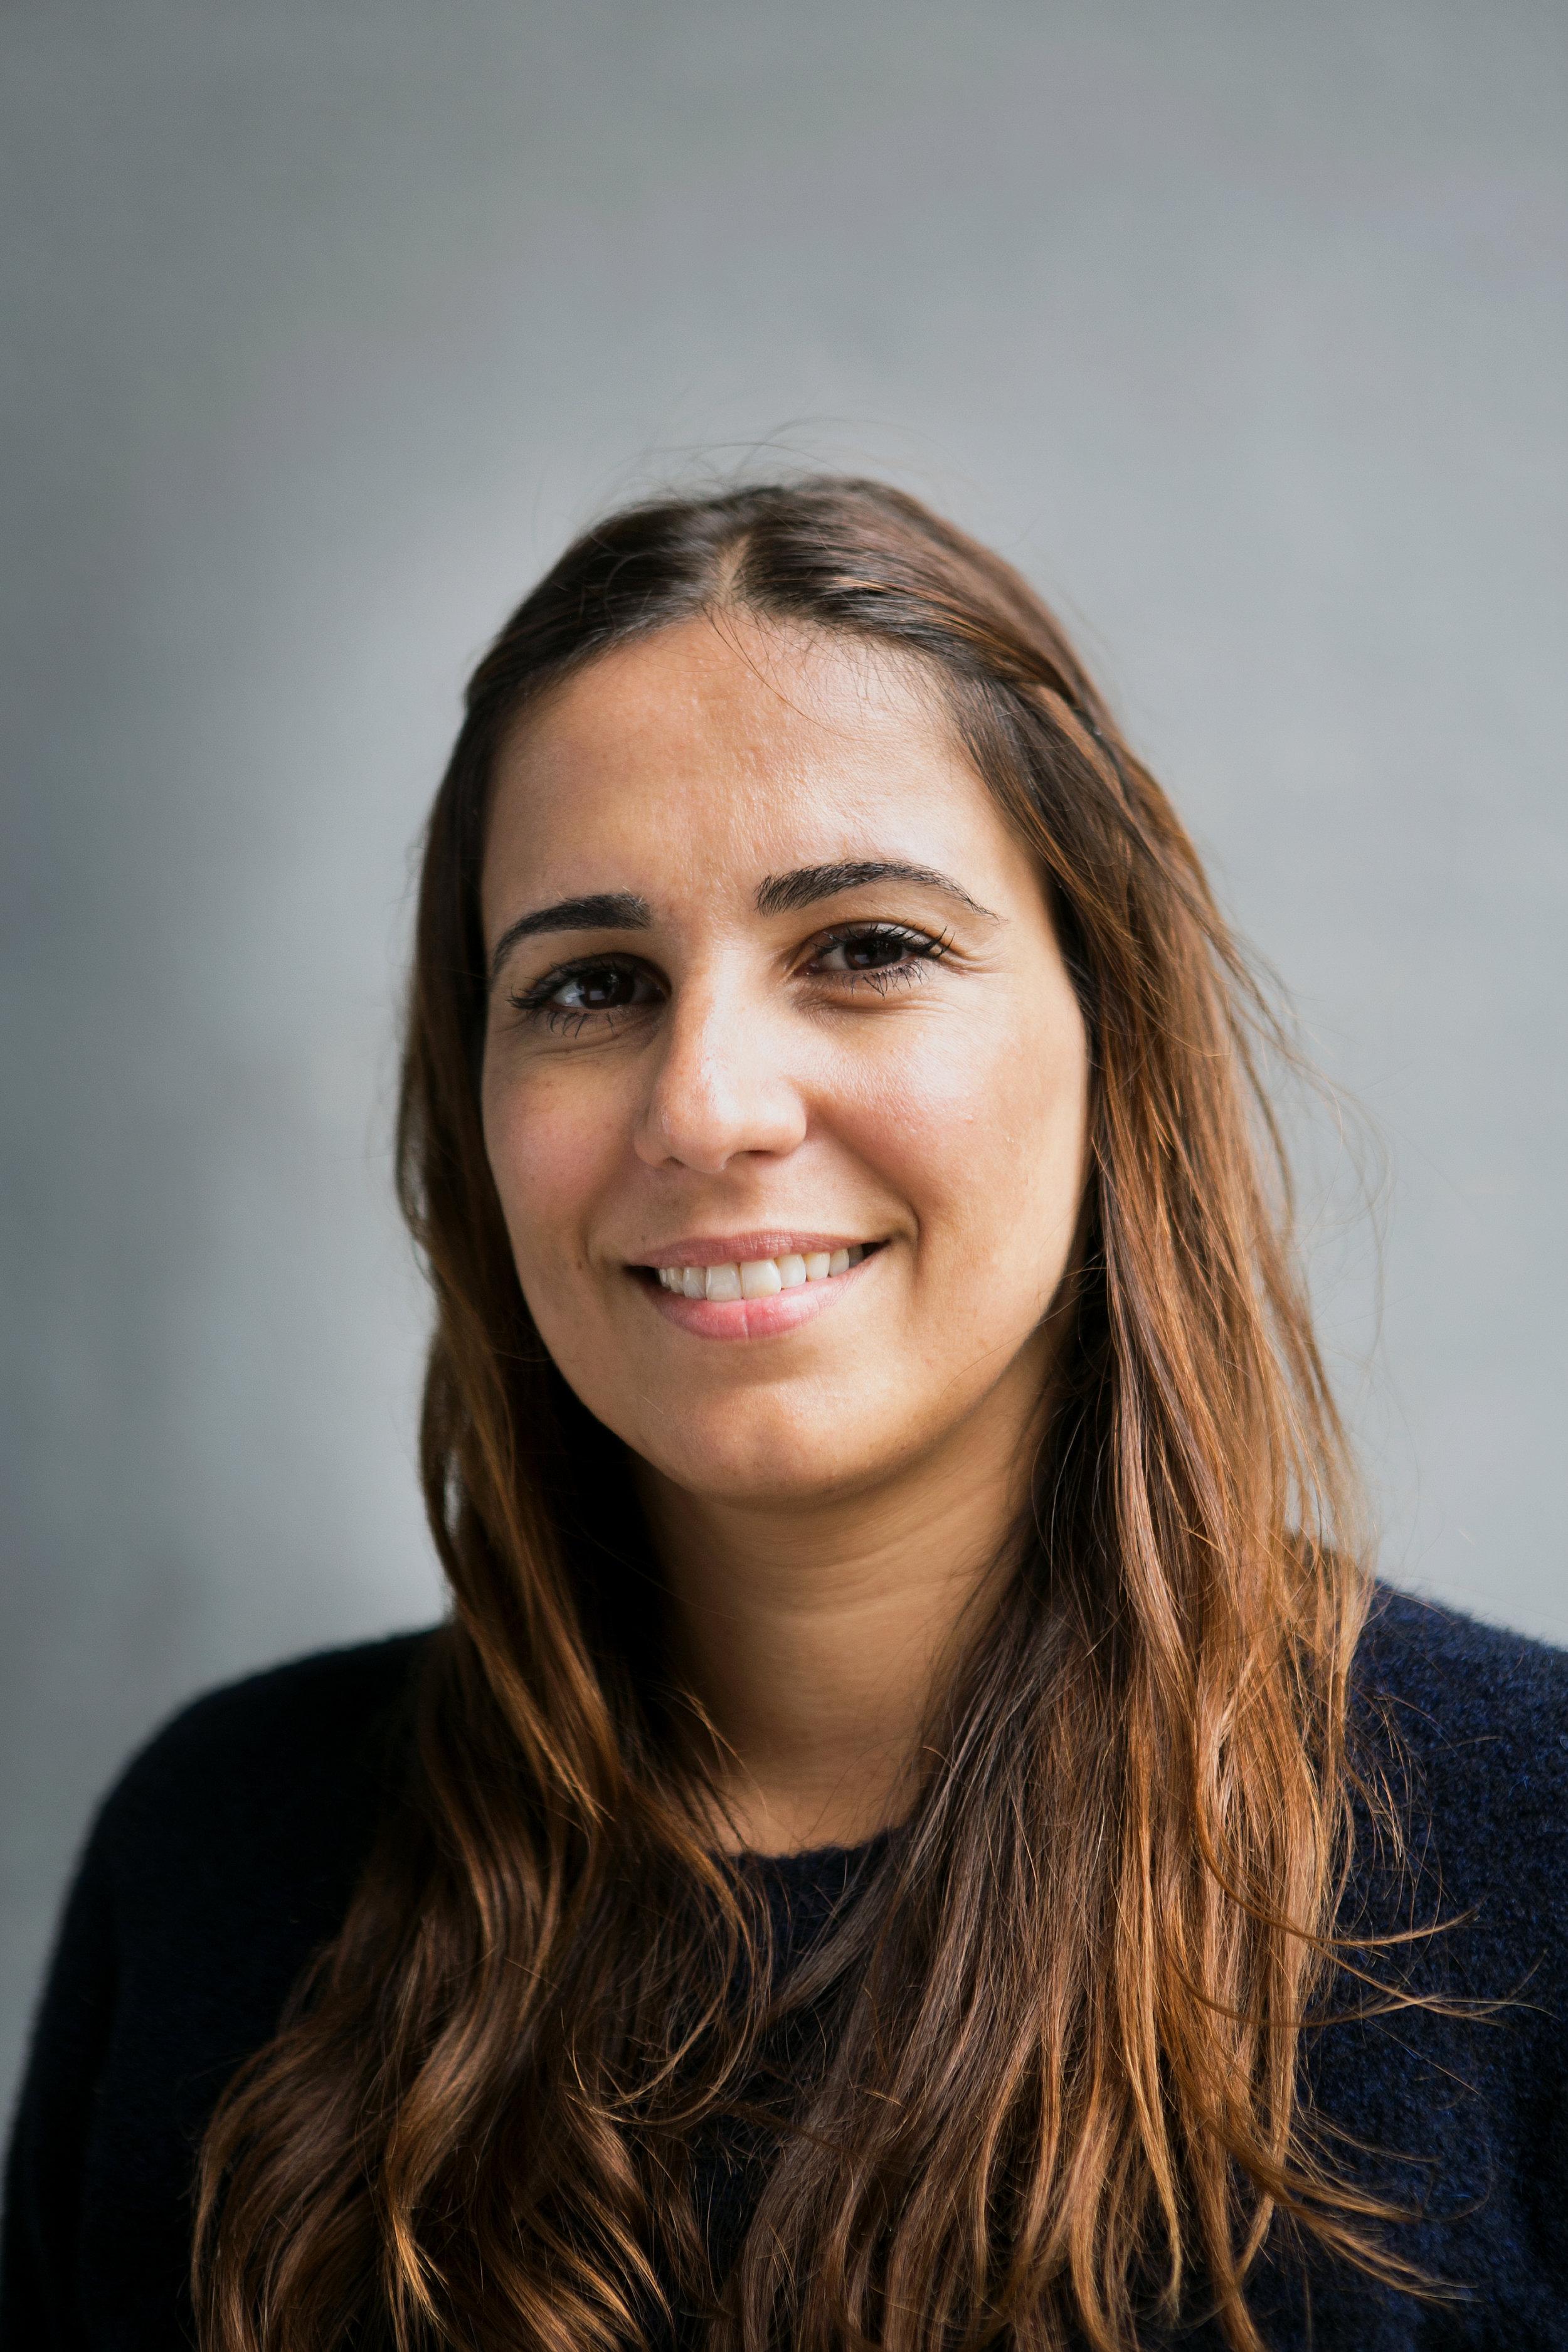 Joana Sá Lima - Partner+47 454 84 894joana@comte.no